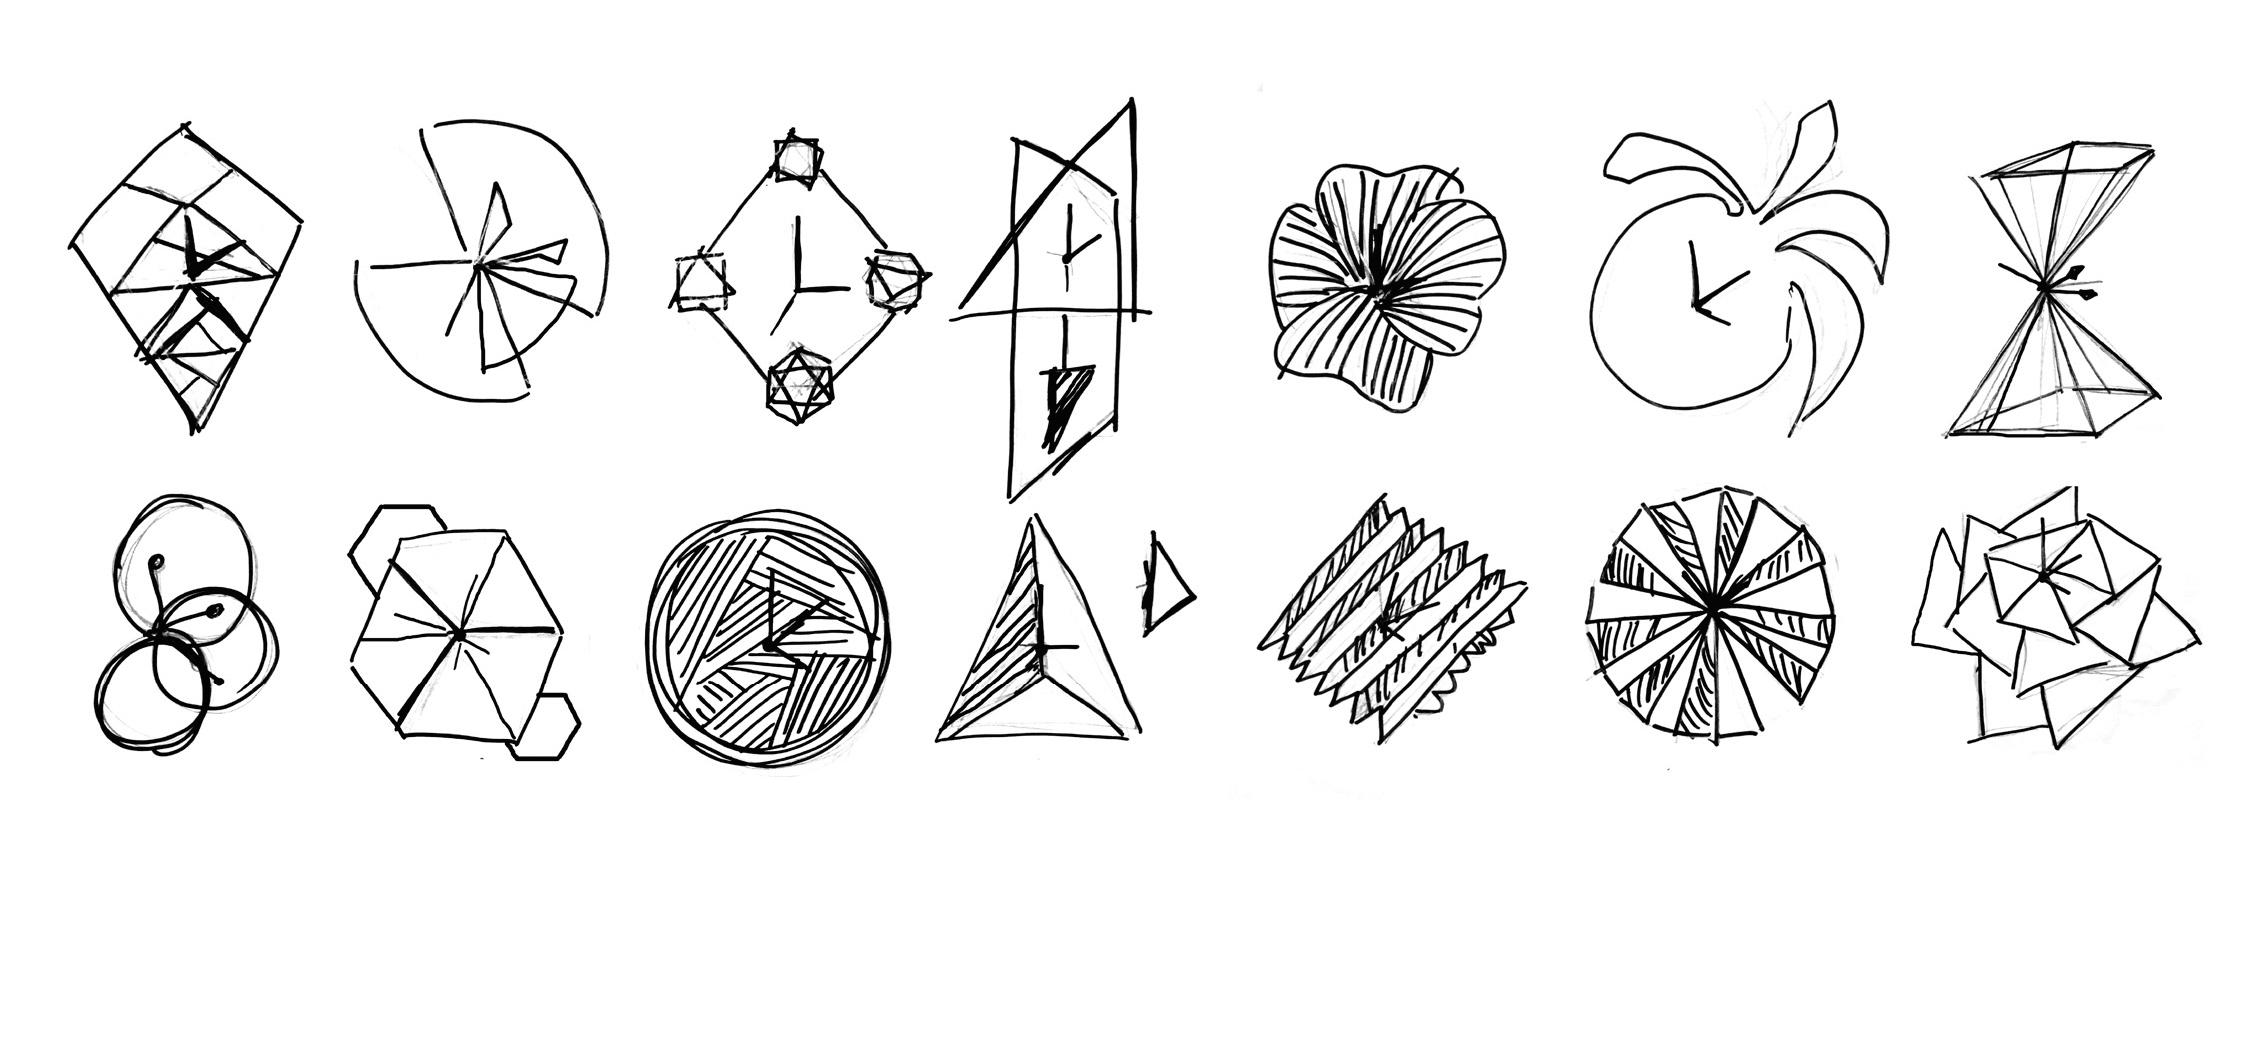 logo_s_1.jpg